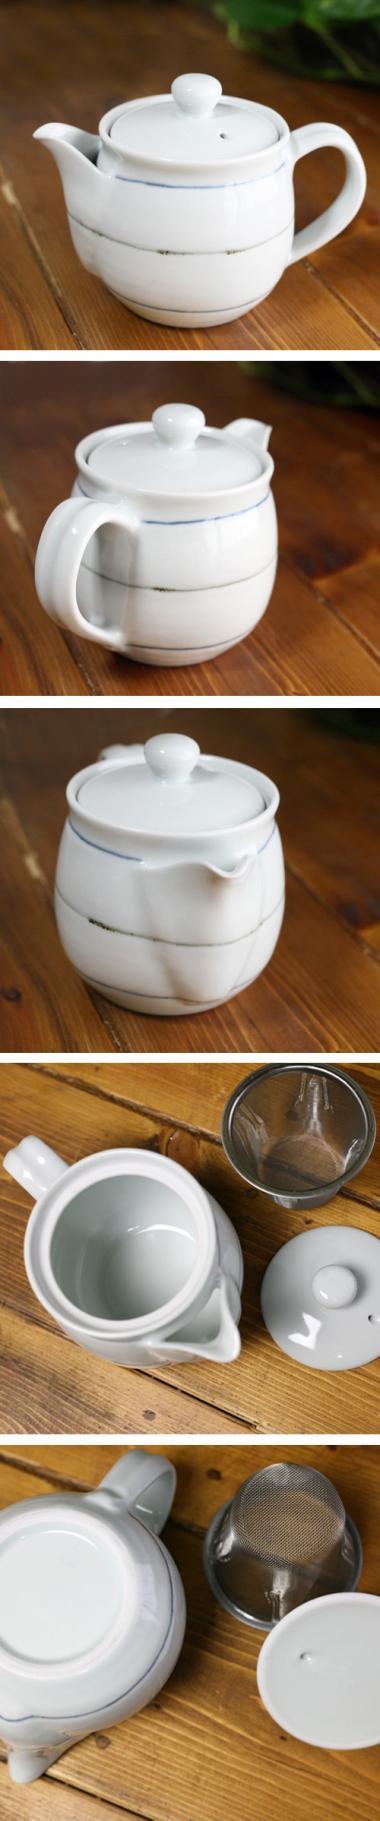 梅乃瀬窯,外口径約9cm(本体)×全高約12cm,磁器